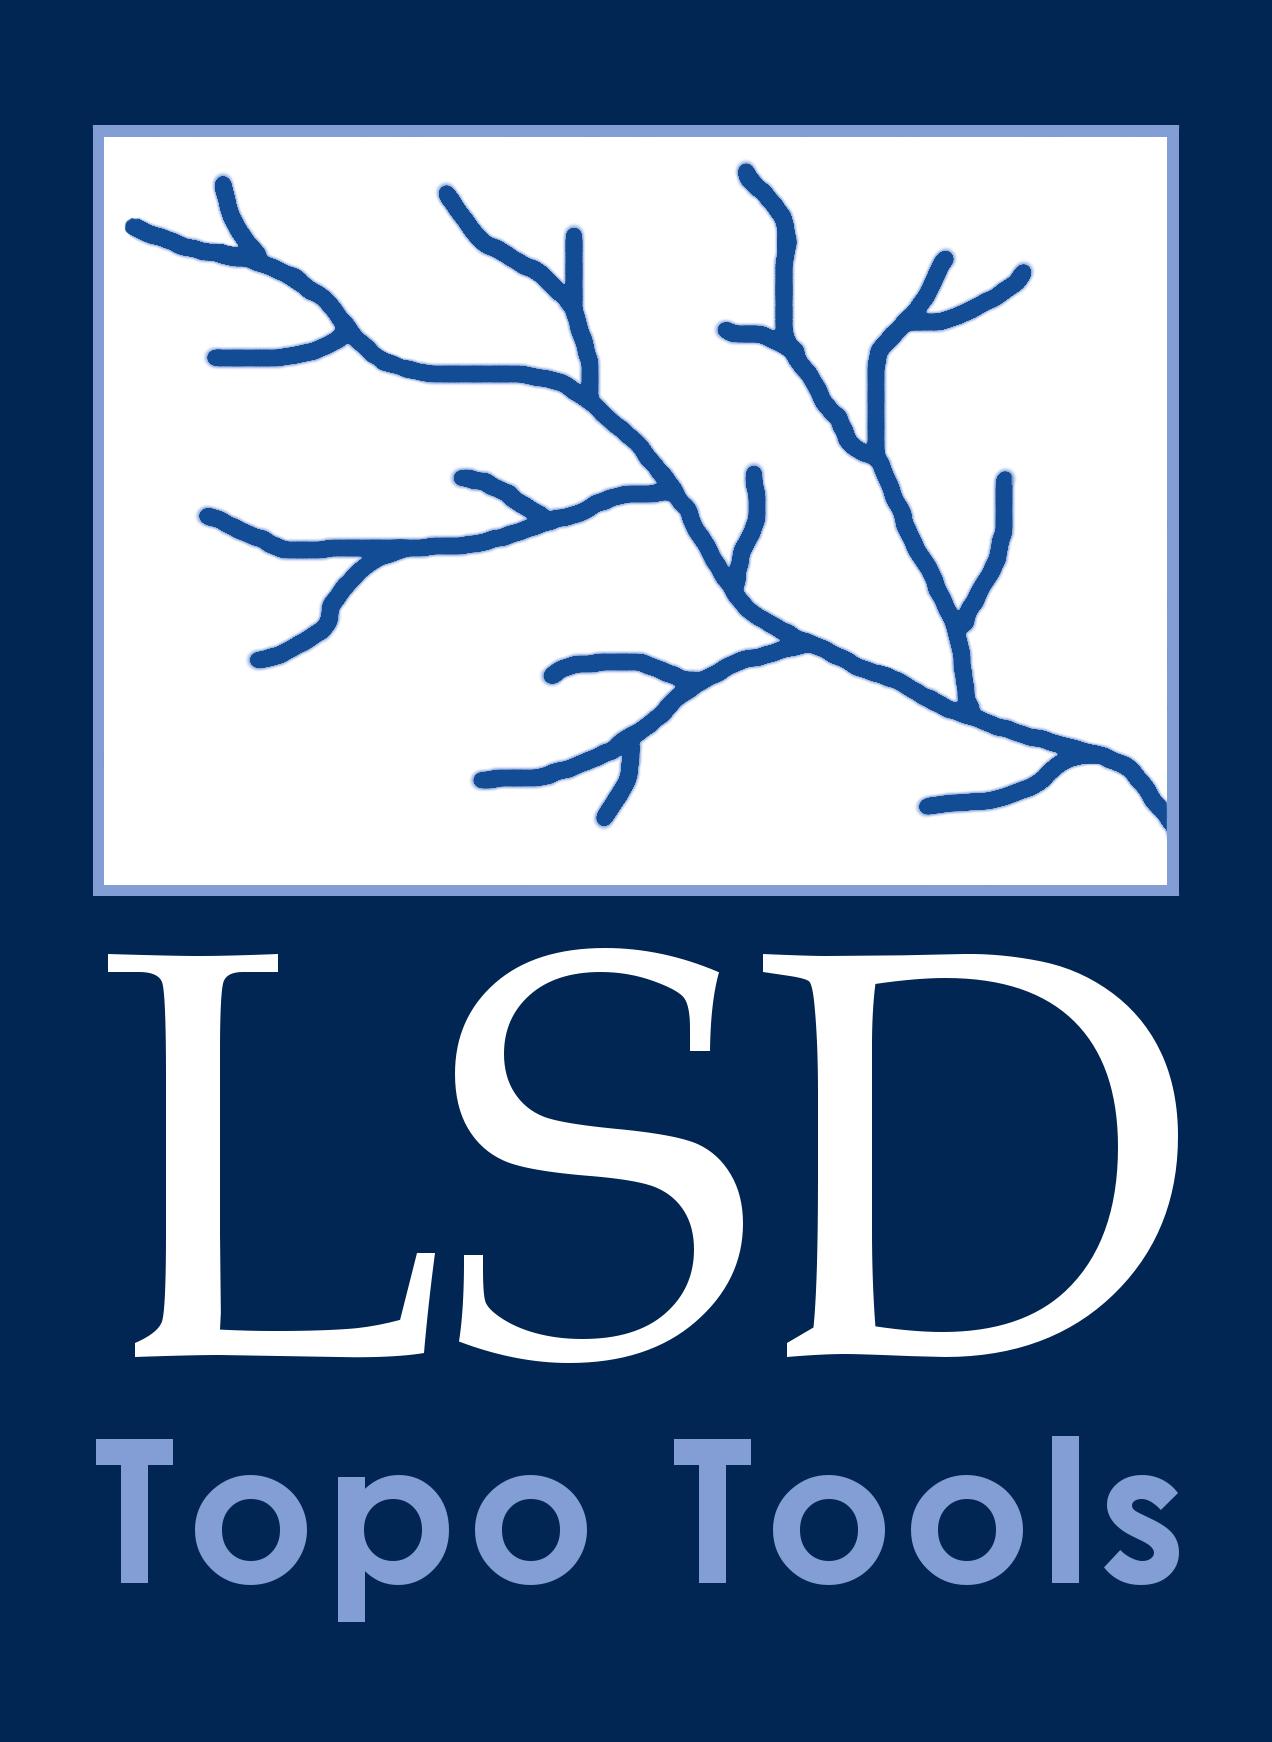 LSDTopoTools Logo